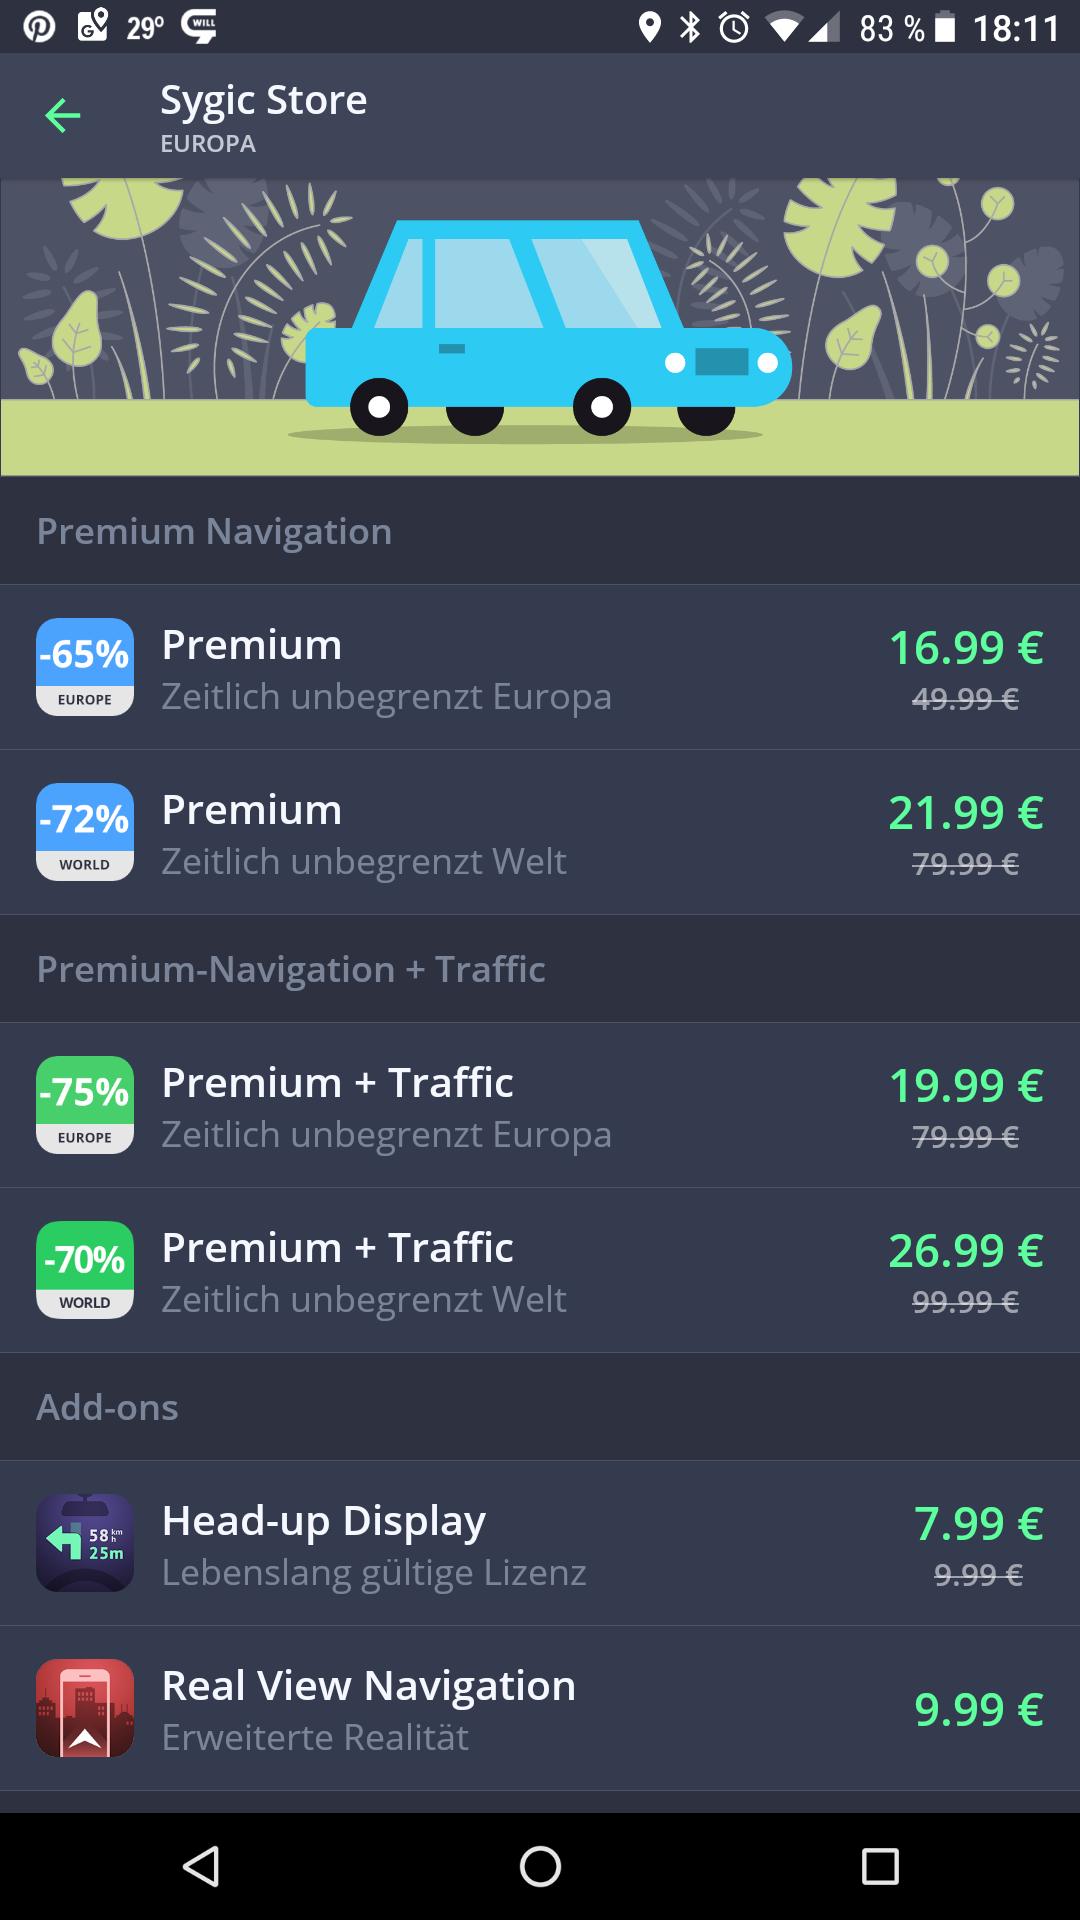 Sygic Premium Navigation bis zu -75%